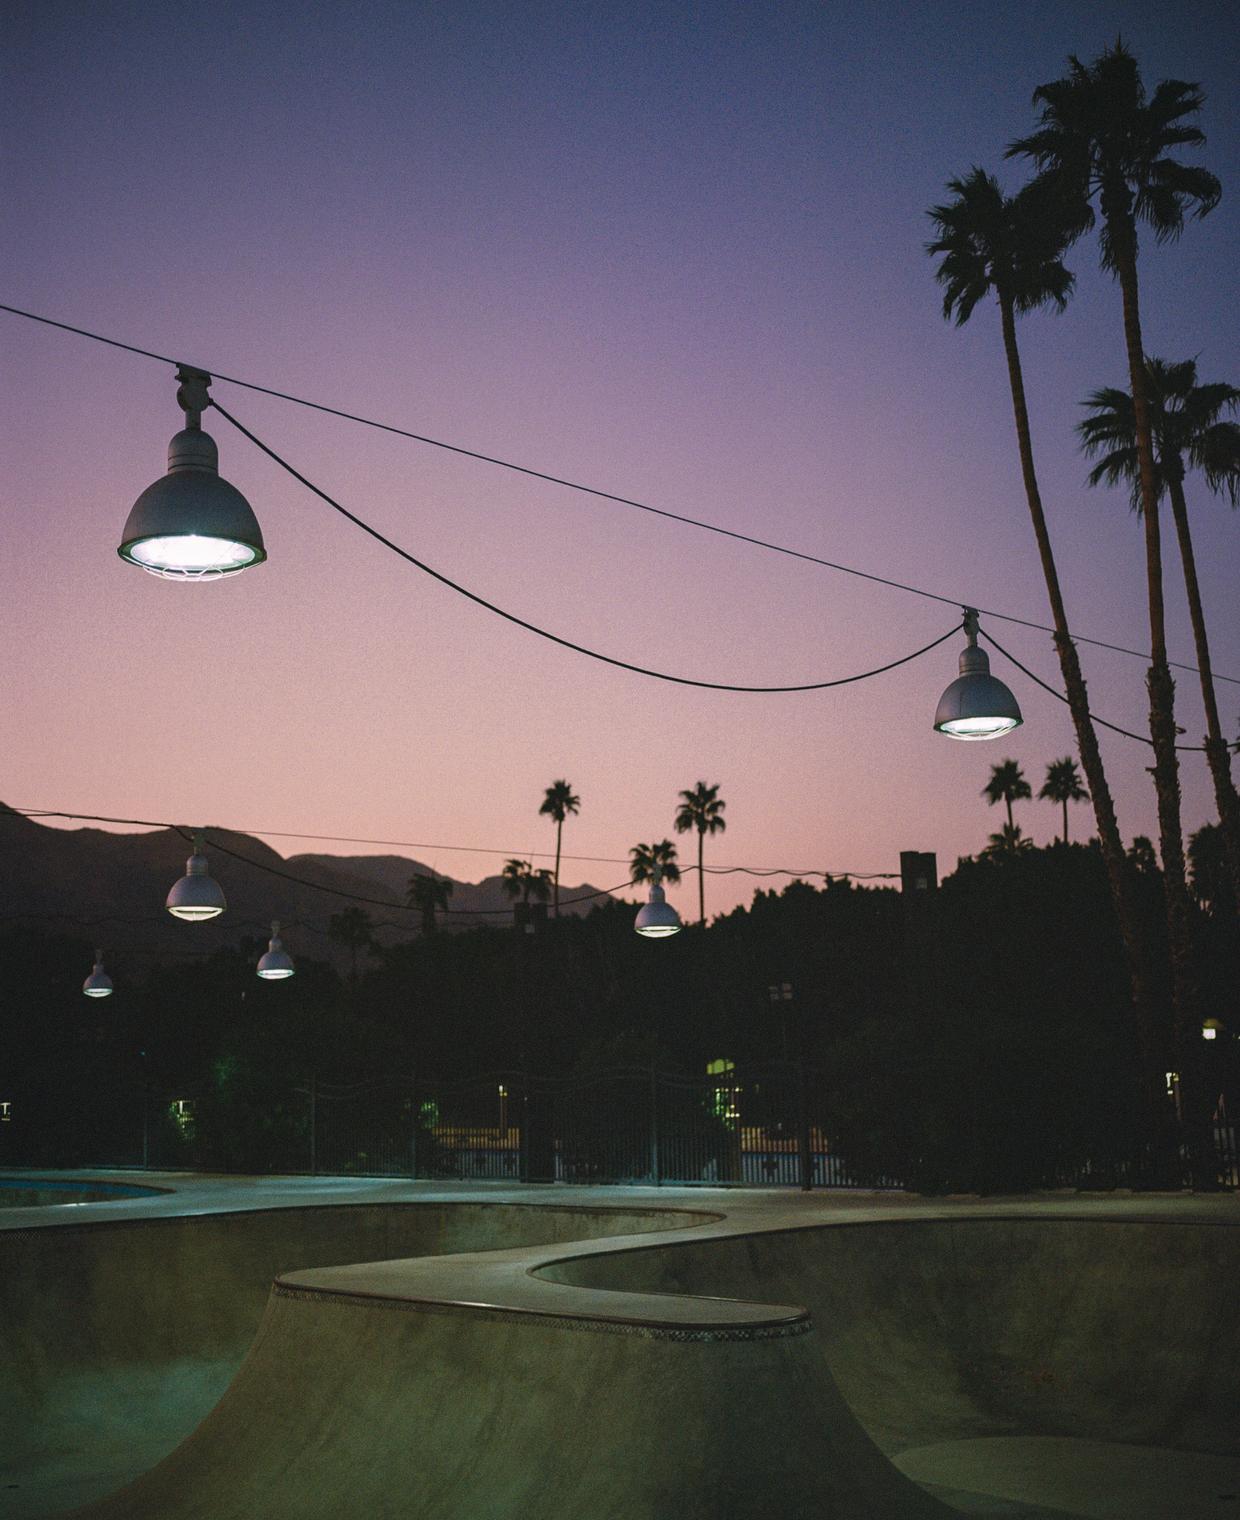 Oakley - It's Okay to Skate Until Dawn II